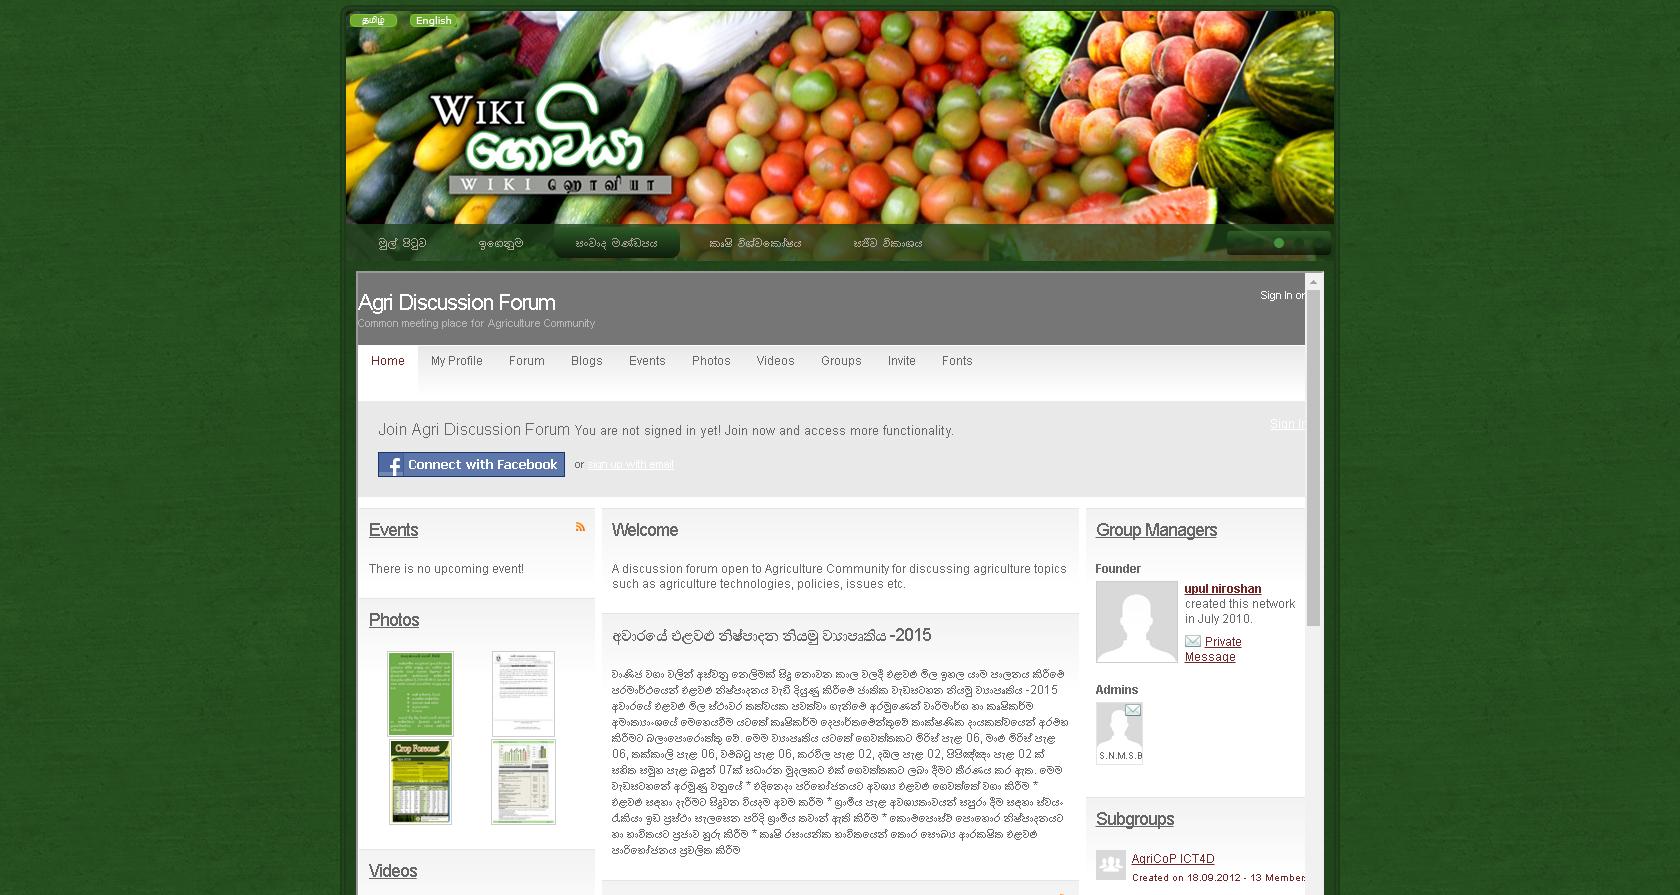 Wikigoyiya - Forum